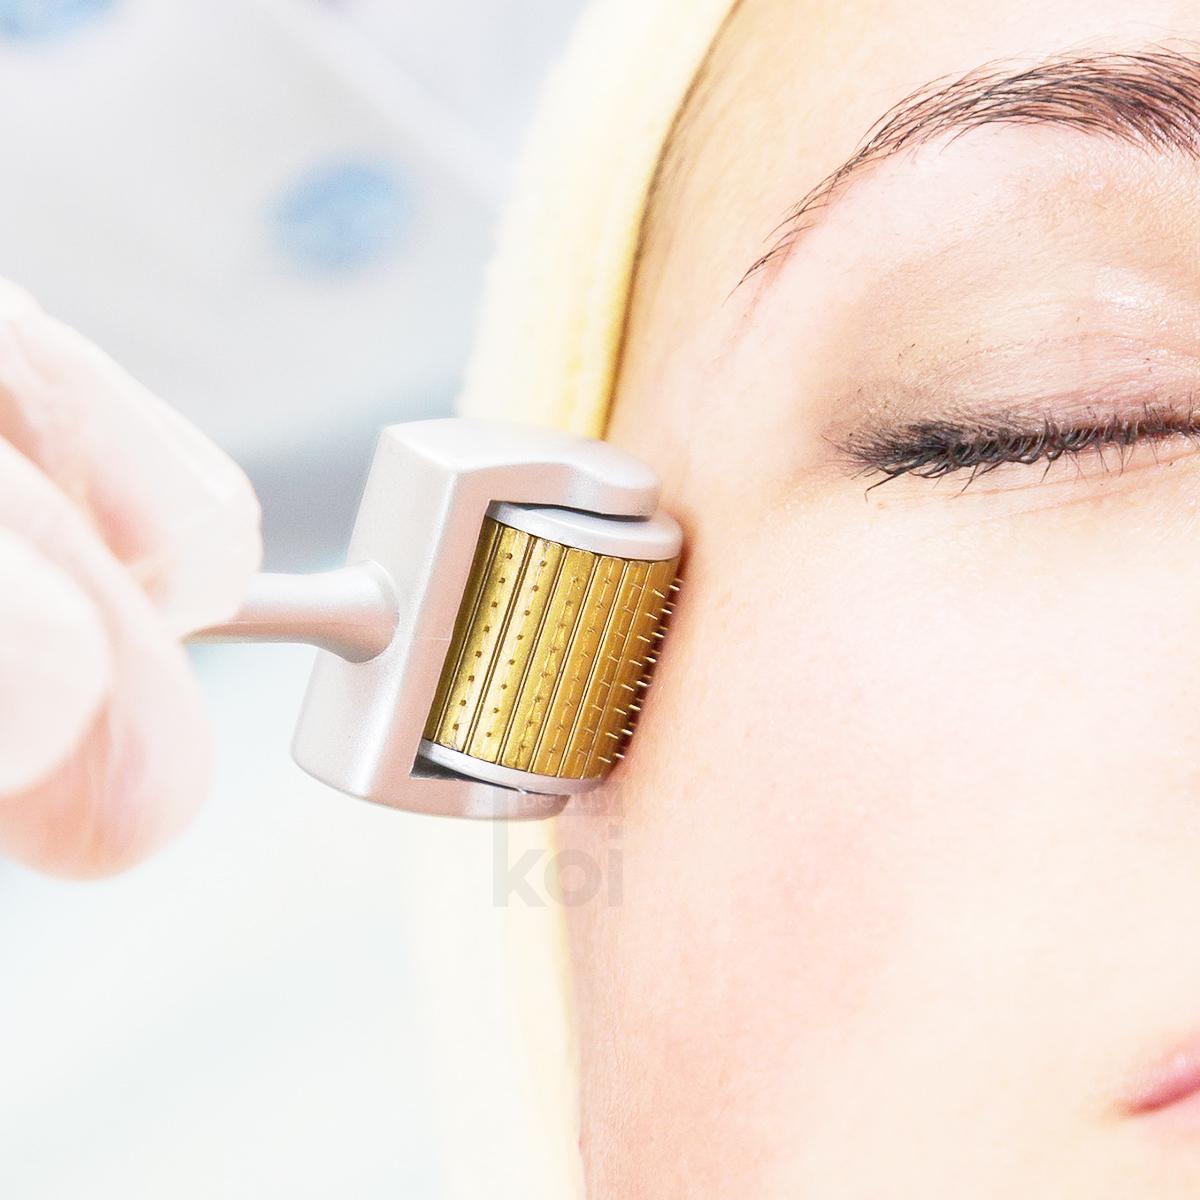 derma-roller-facial